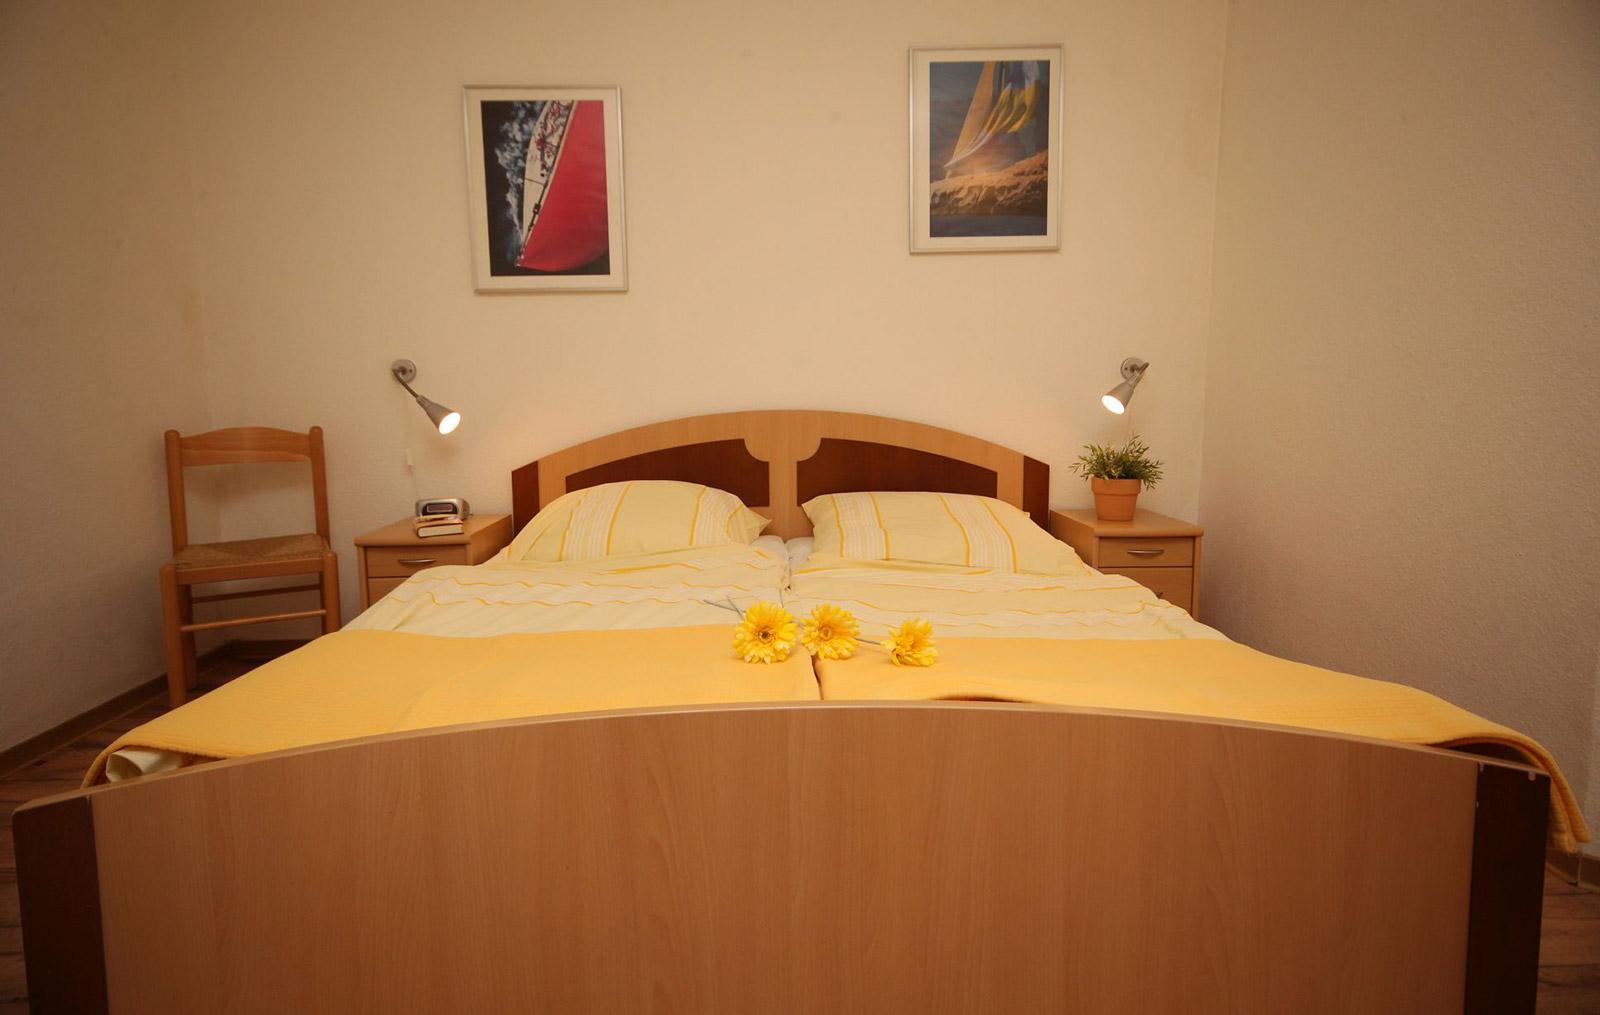 traberhof-hooksiel-ferienwohnung-3-schlafzimmer